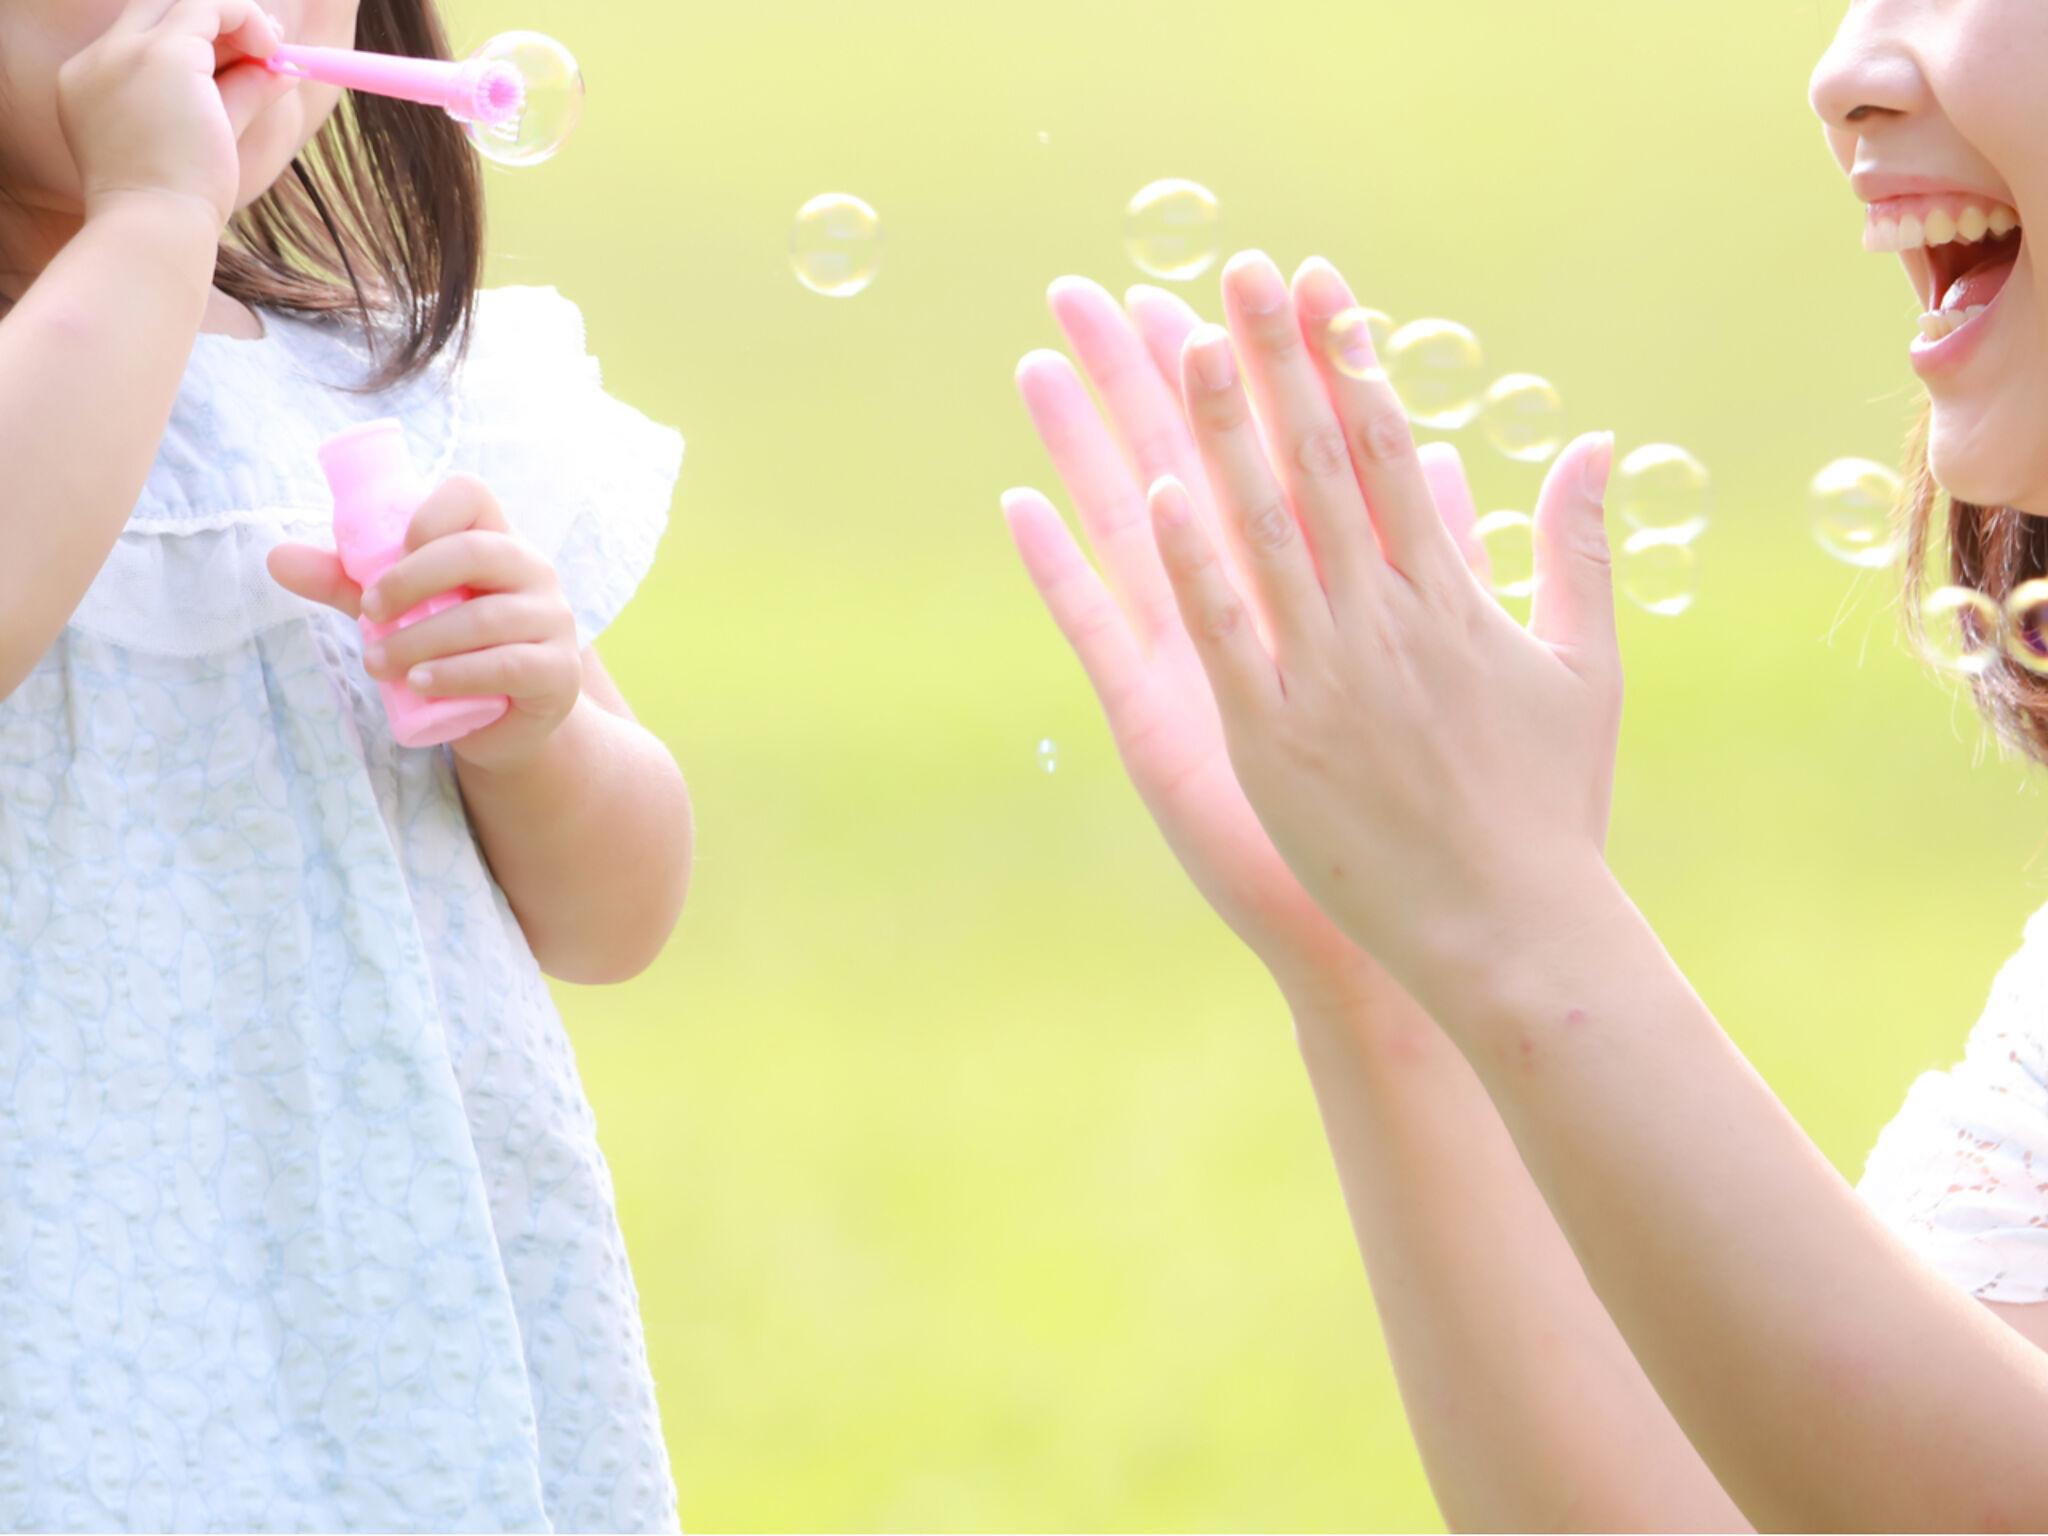 母親と子供がシャボン玉で遊ぶ画像